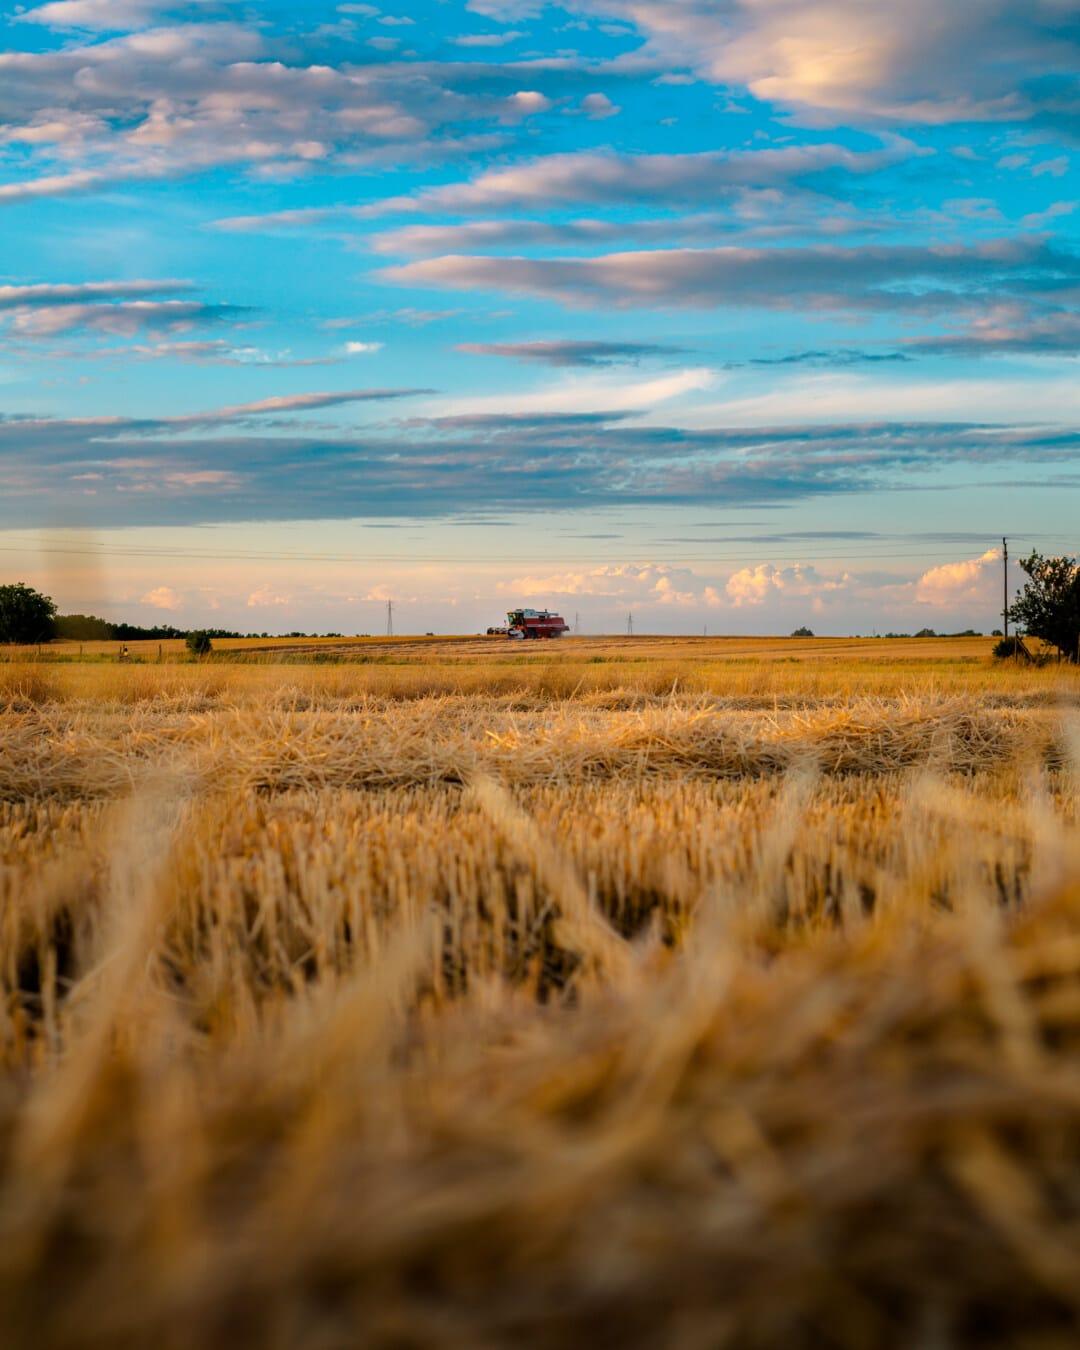 lúa mì, Wheatfield, xe chở gỗ, thu hoạch, rơm, hoàng hôn, cảnh quan, đồng bằng, cỏ khô, đất đai